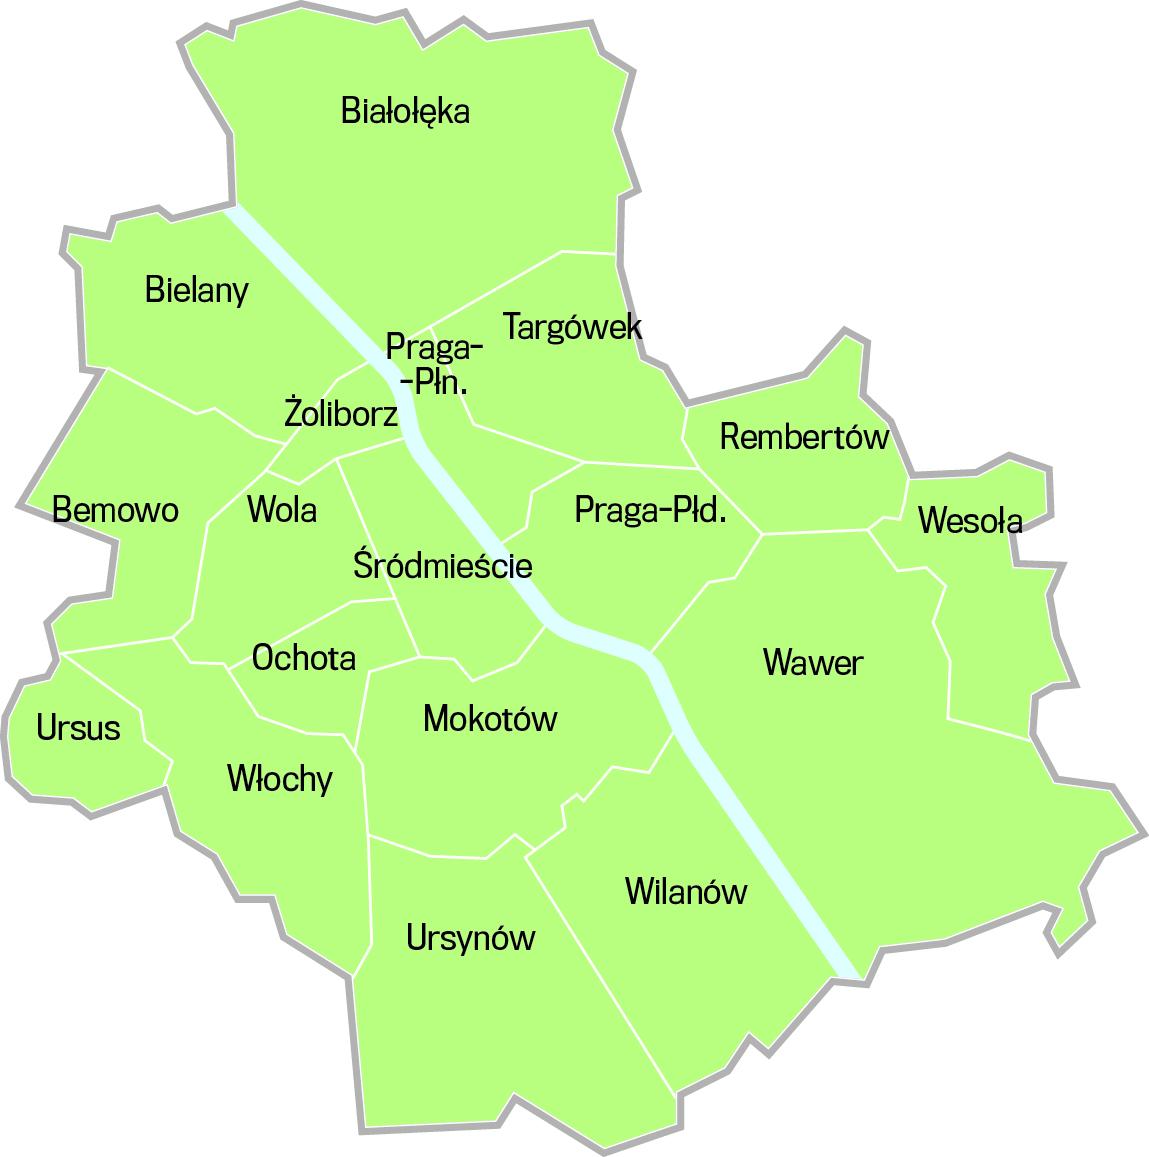 Warszawa Kto Trzyma Wladze W Dzielnicach Mapa